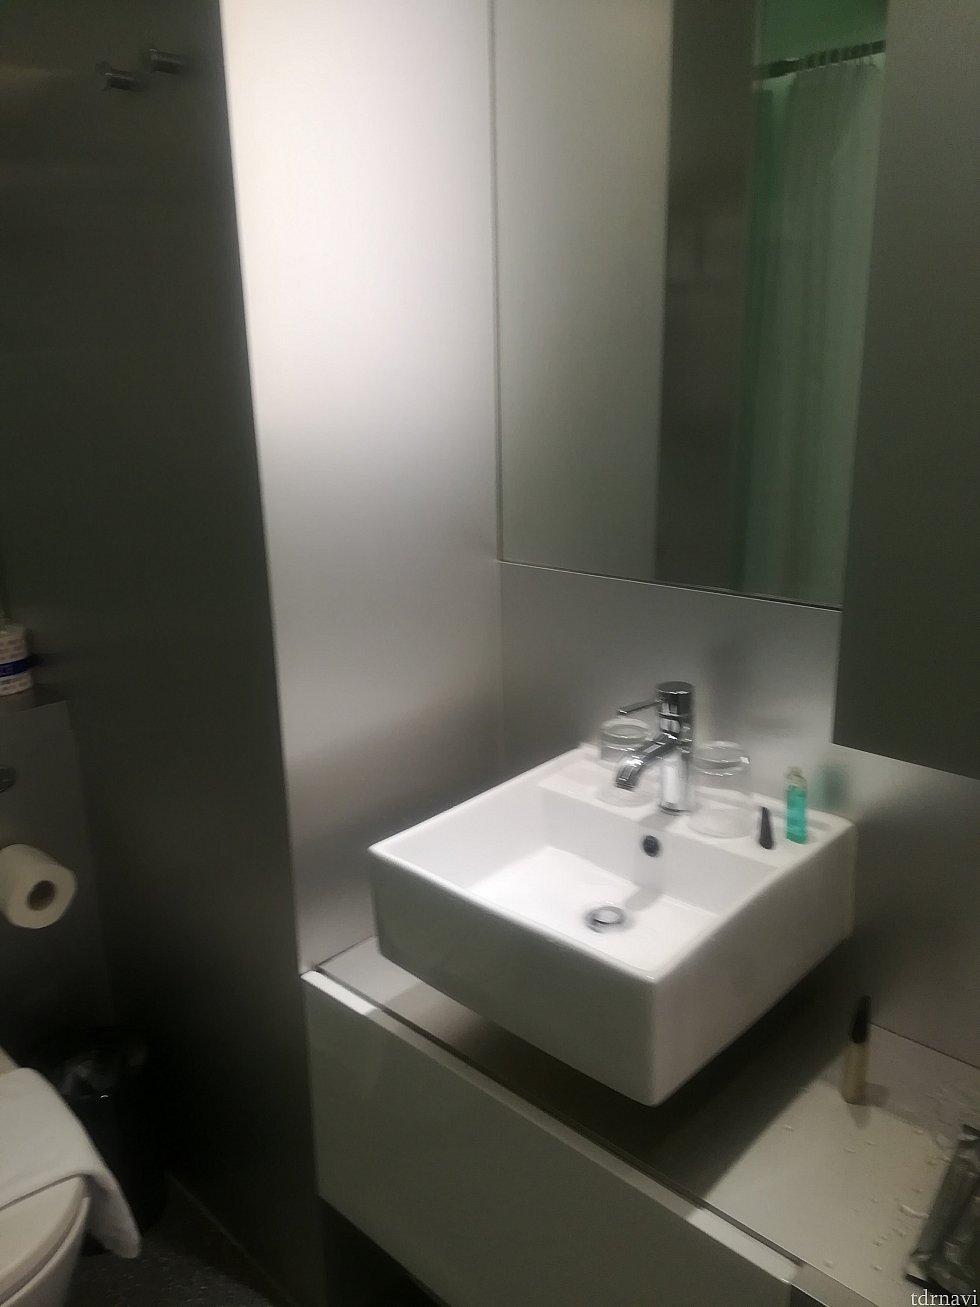 洗面台…水の勢いありすぎてすでに水が飛び散ったあとの写真です(;´∀`)